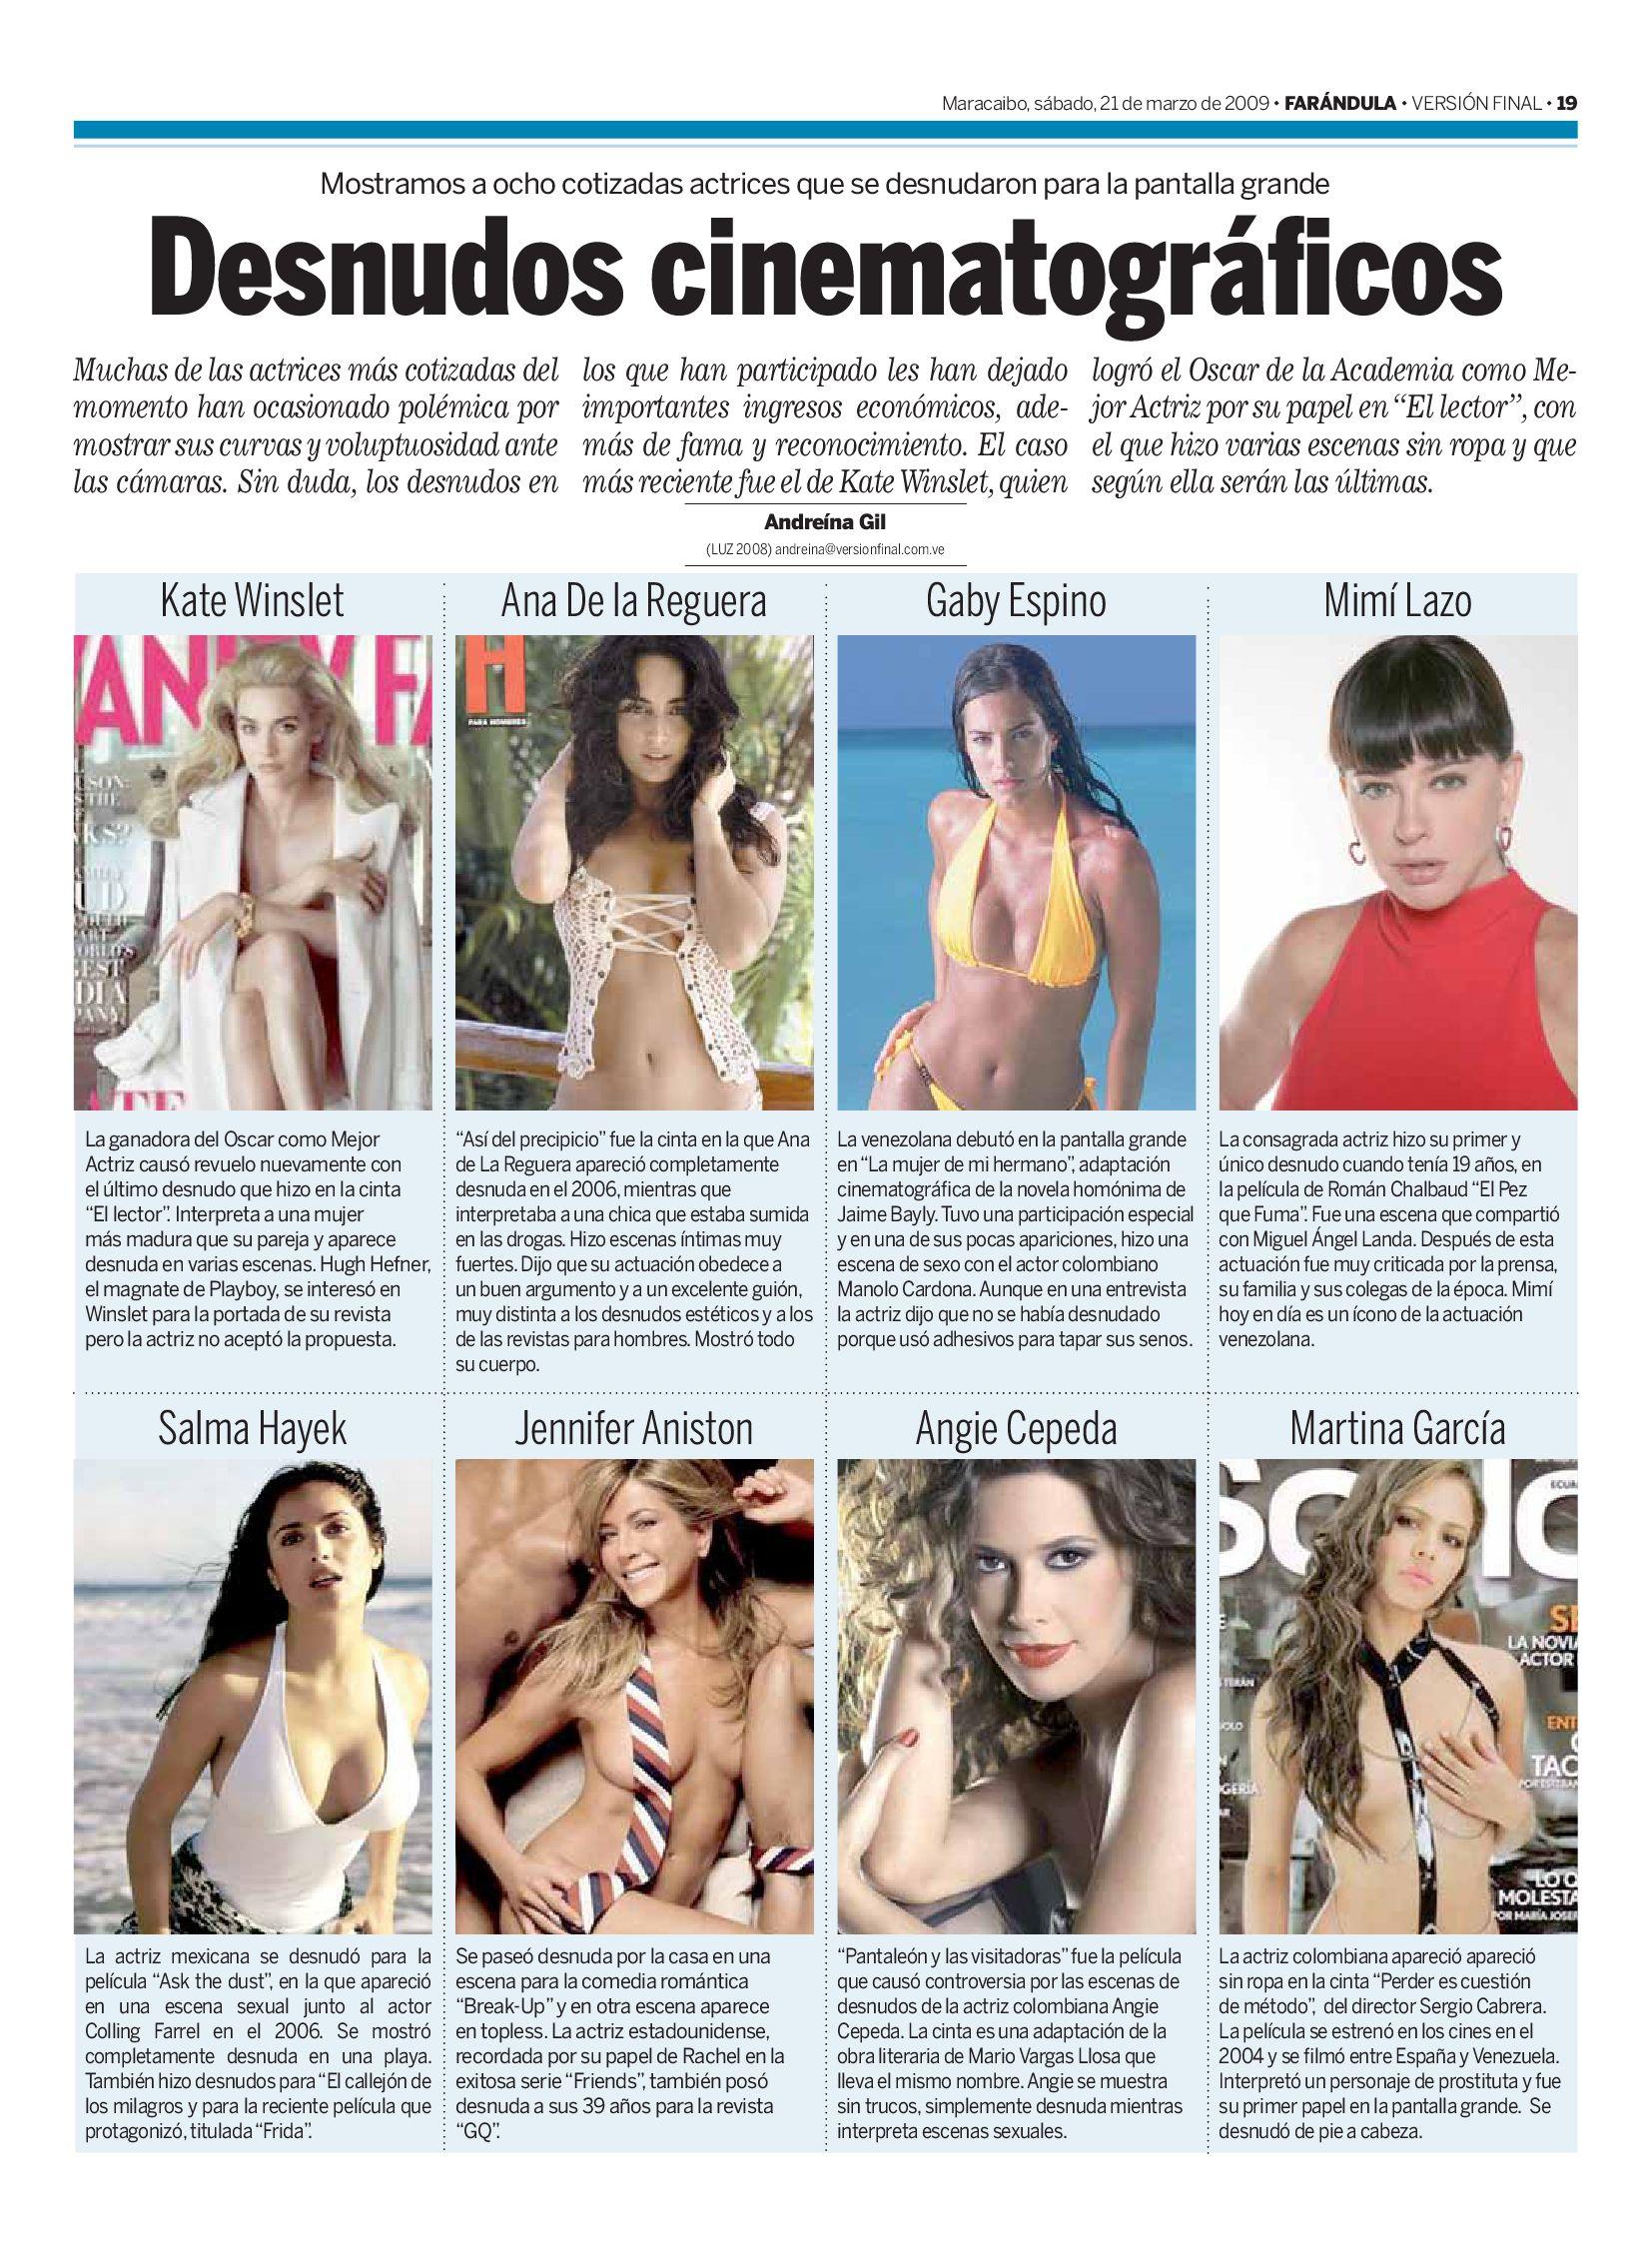 Angie Cepeda Desnuda diario versión finaldiario versión final - issuu